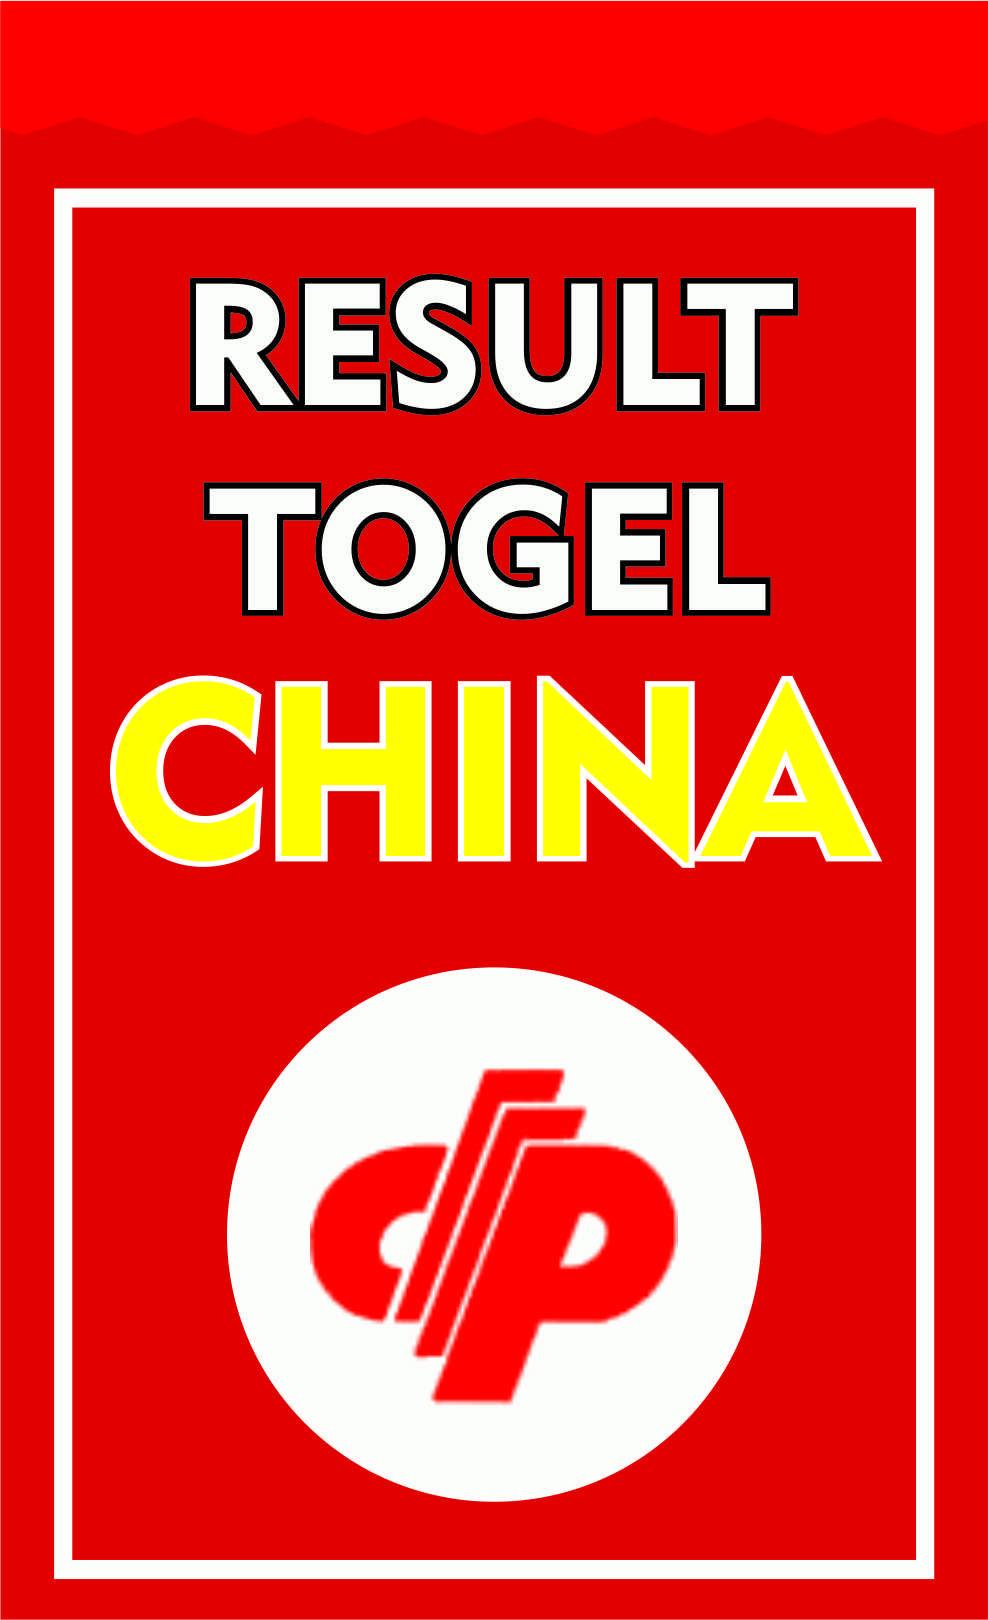 Data China Togel 2020 : china, togel, Tabel, Angka, Keluaran, Togel, China, 2019,, Silahkan, Diamati, Untuk, Dengan, Secara, Lengkap,, Cepat, Result, China,, Nomor, Kelua…